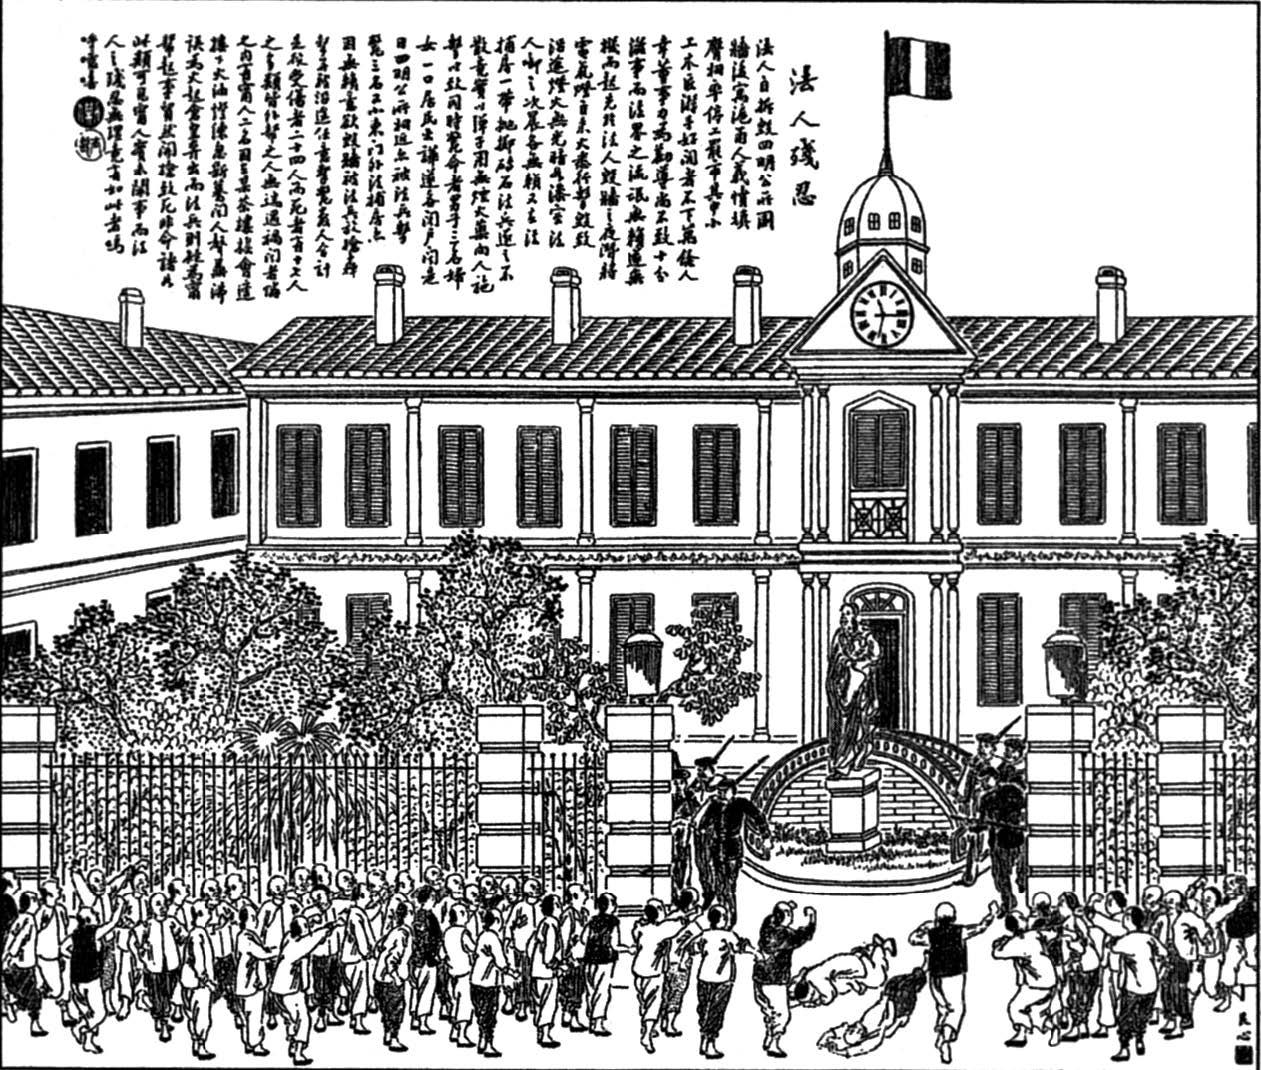 """《法人残忍》:《点石斋画报》对那时闹得很大的""""四明公所事件""""的报道。"""